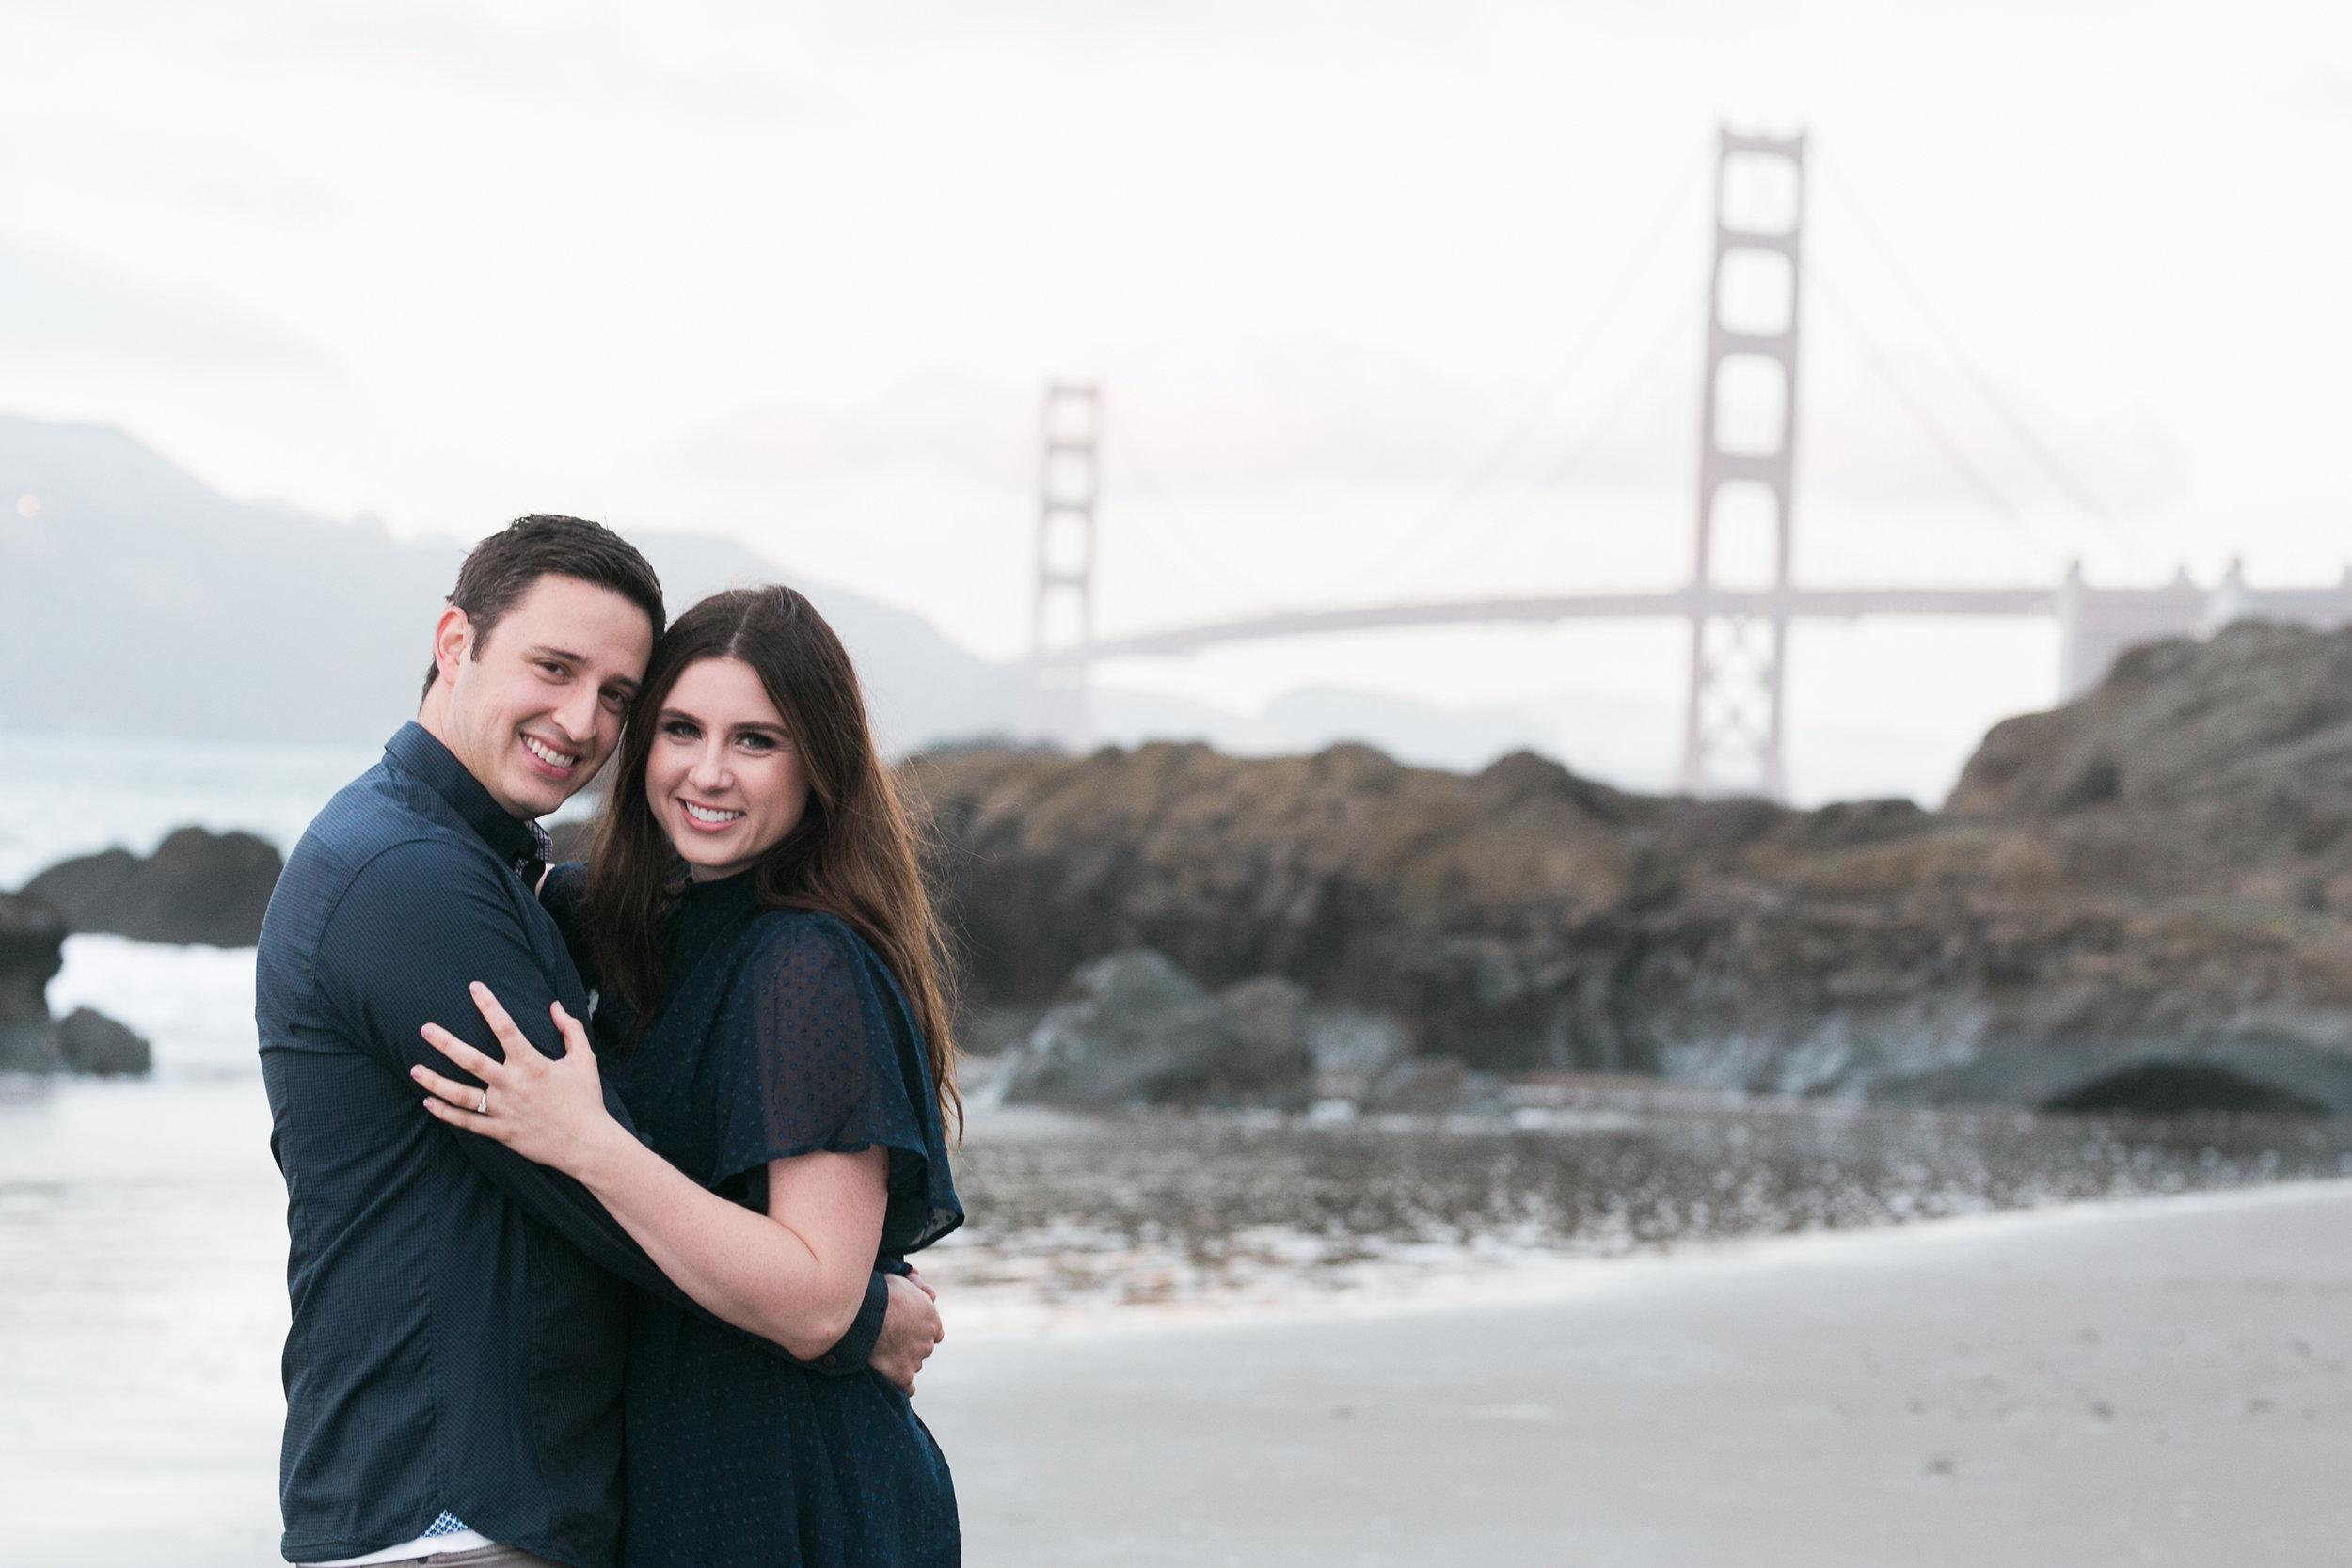 San_Francisco_Baker_Beach_Engagement_Session_007.jpg